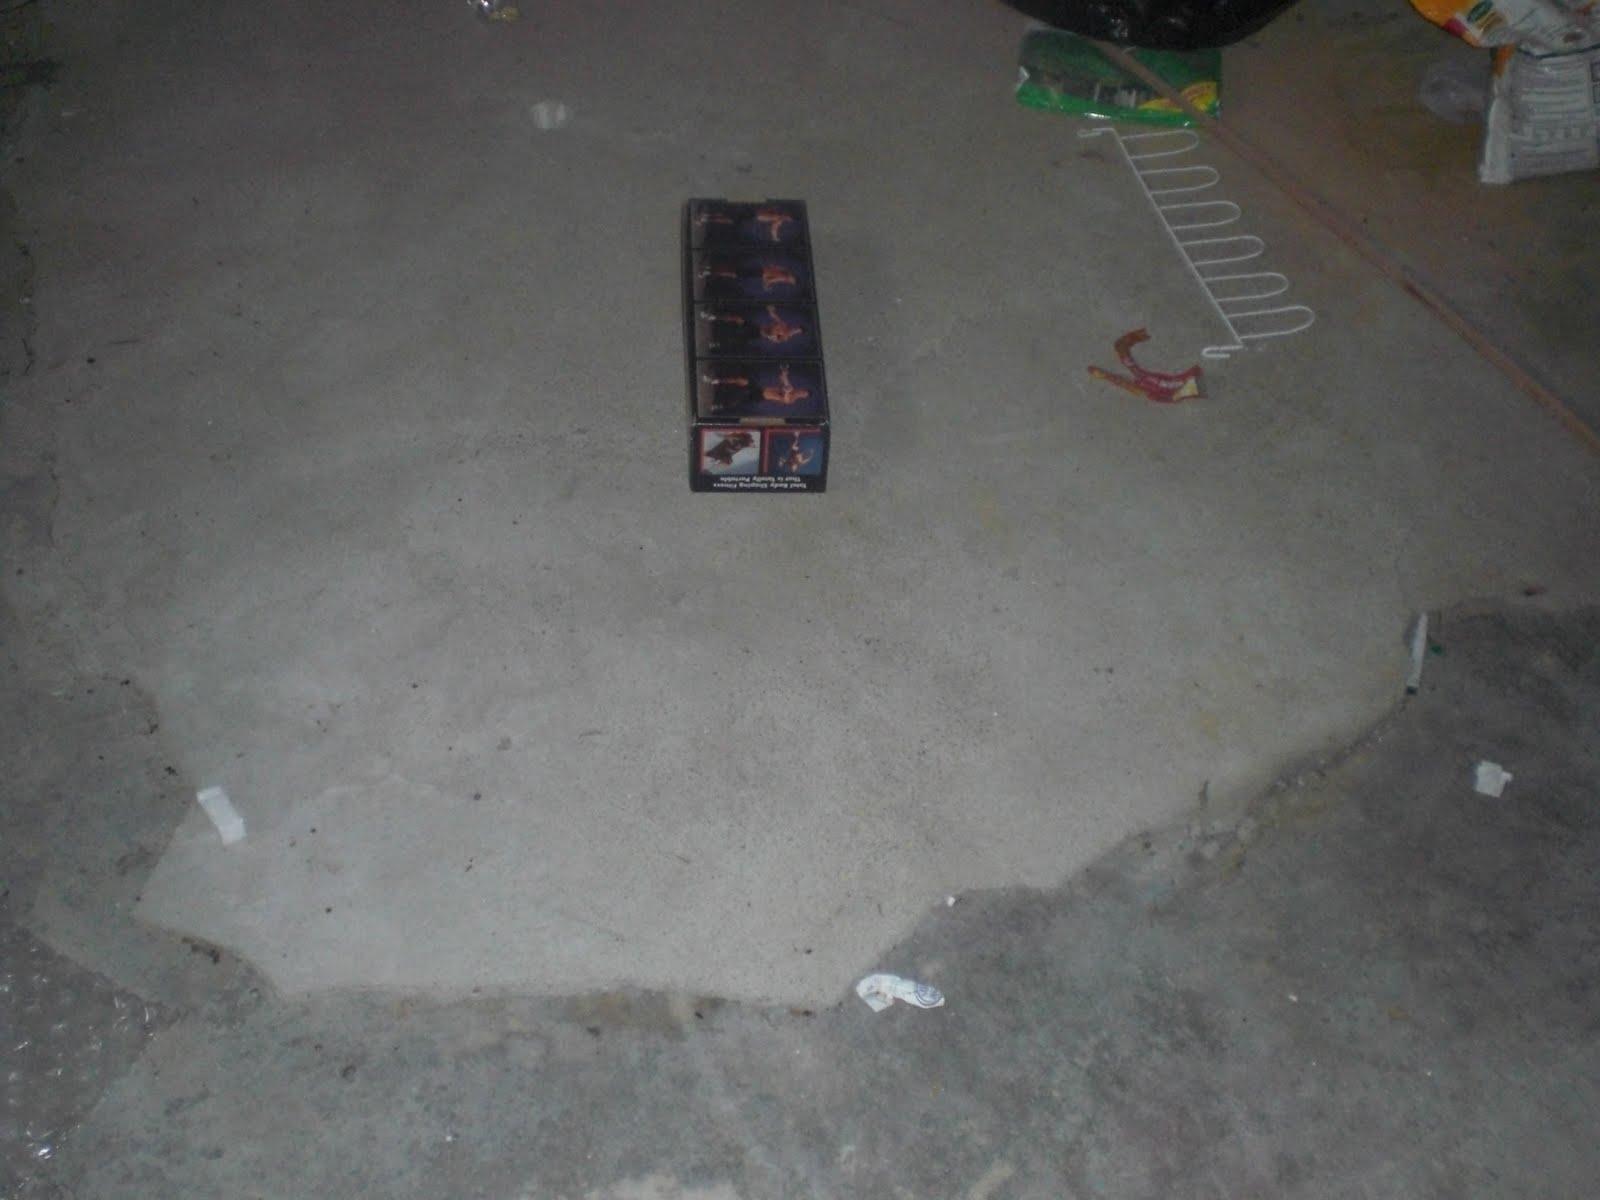 http://3.bp.blogspot.com/_8wM3R88klB0/S9dccdOsi8I/AAAAAAAAAeM/19_GywLSKfE/s1600/146.JPG